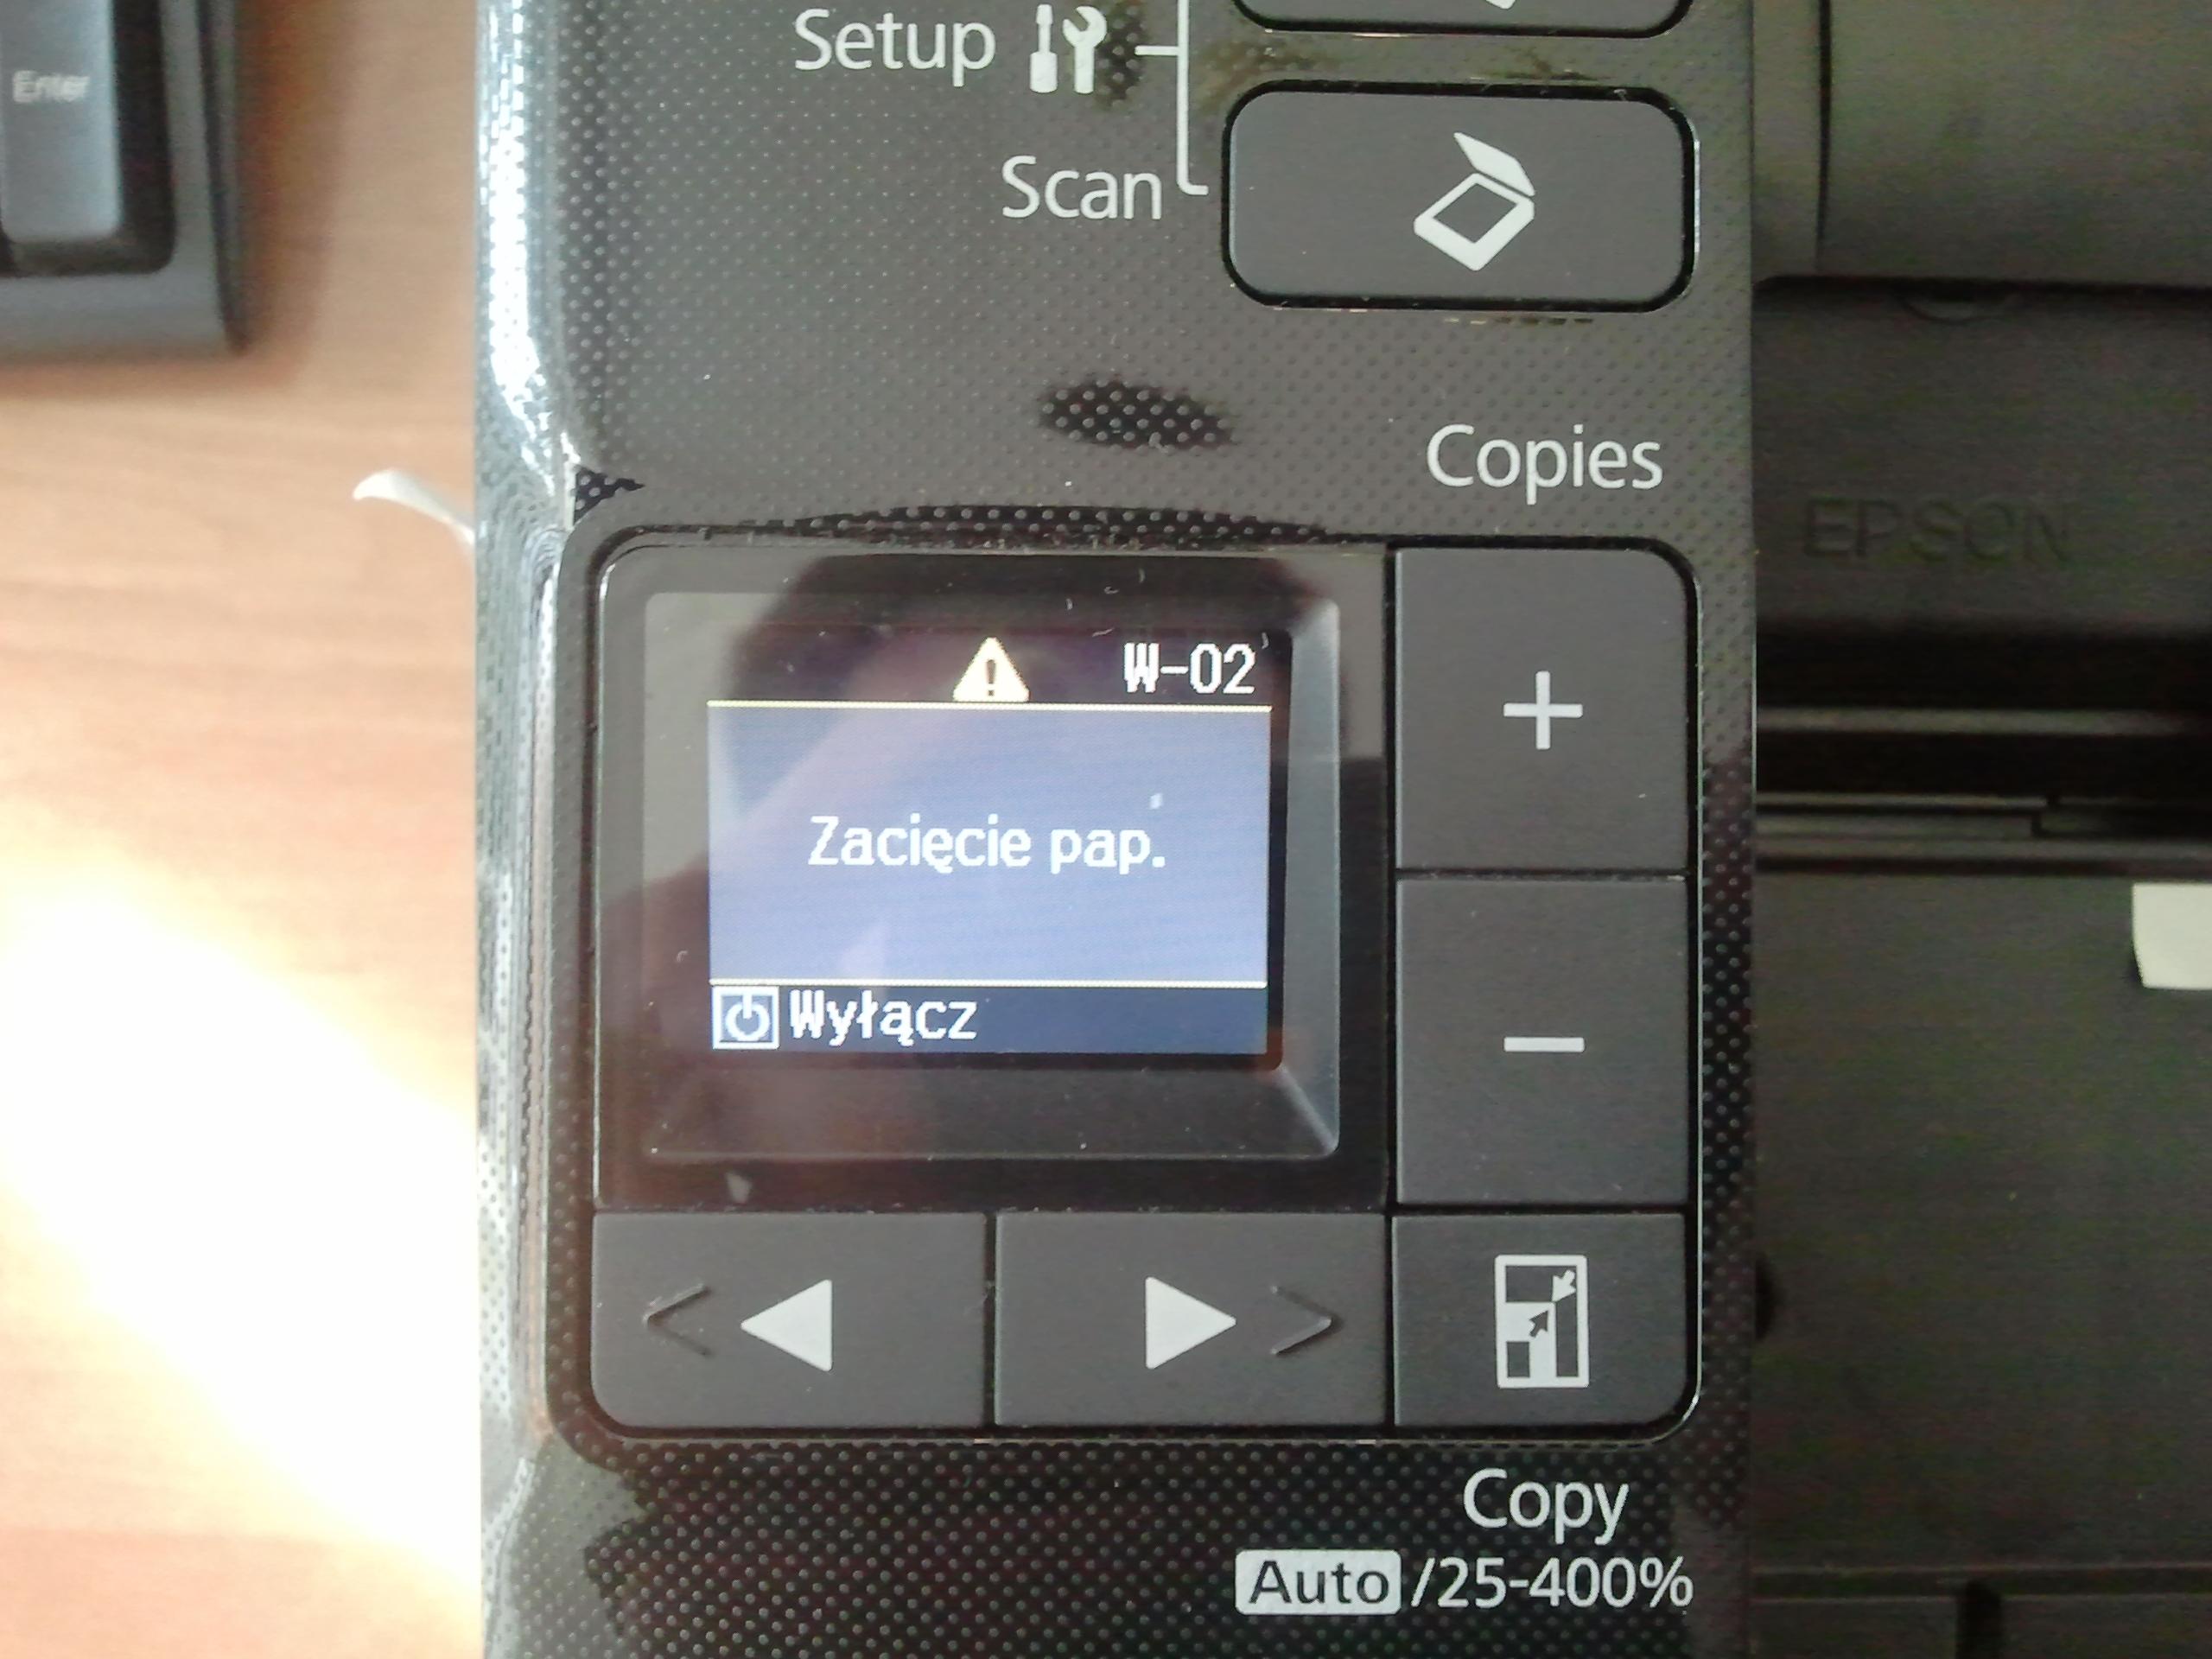 EPSON SX218 pojemnik na tusze. Awaria